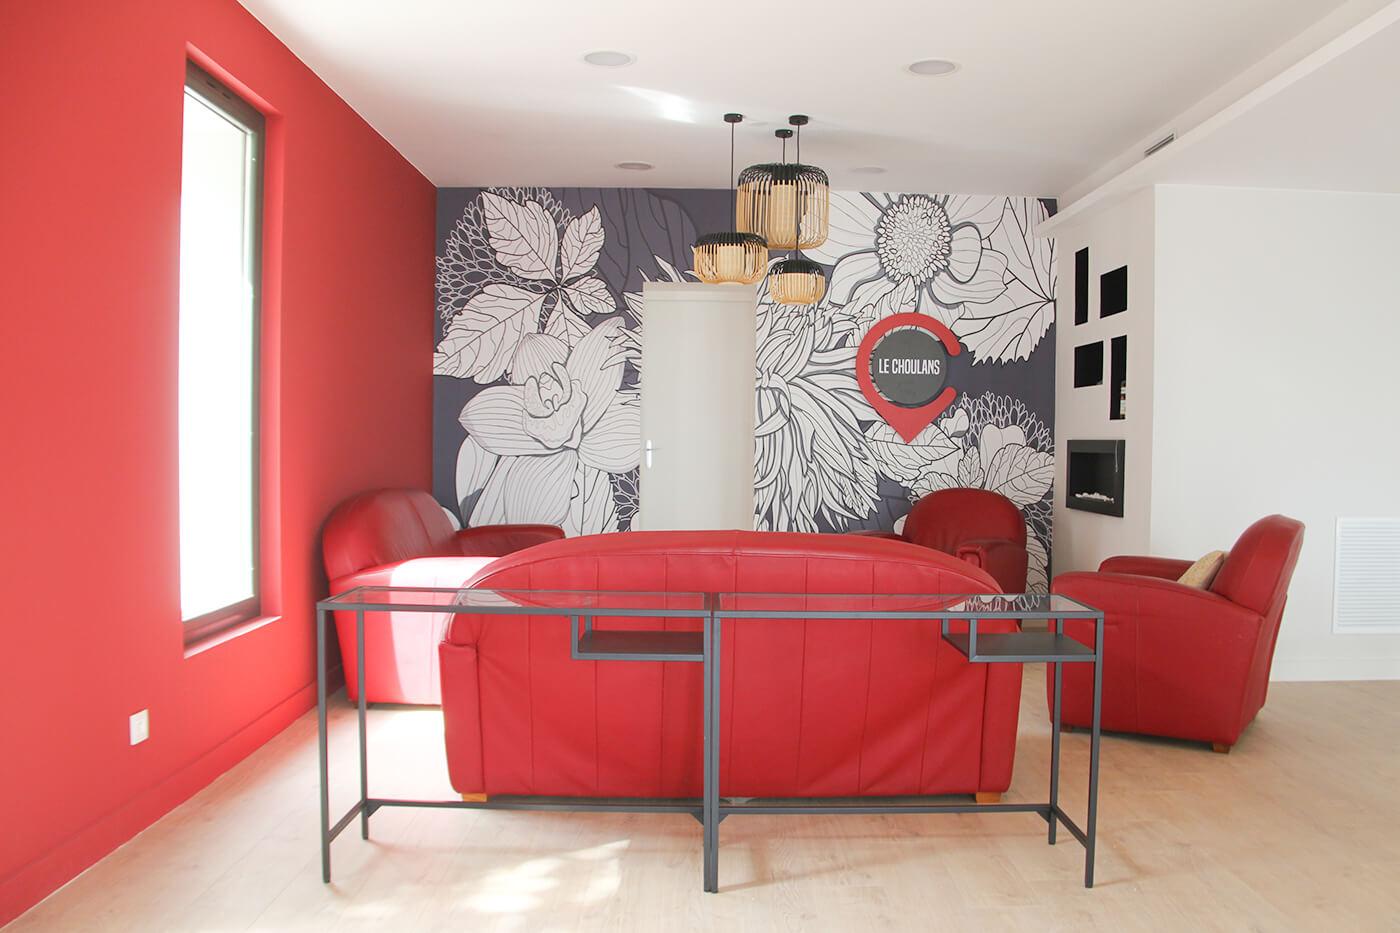 Une table, un radiateur type cheminée dans la salle de réunion de Lyon 5